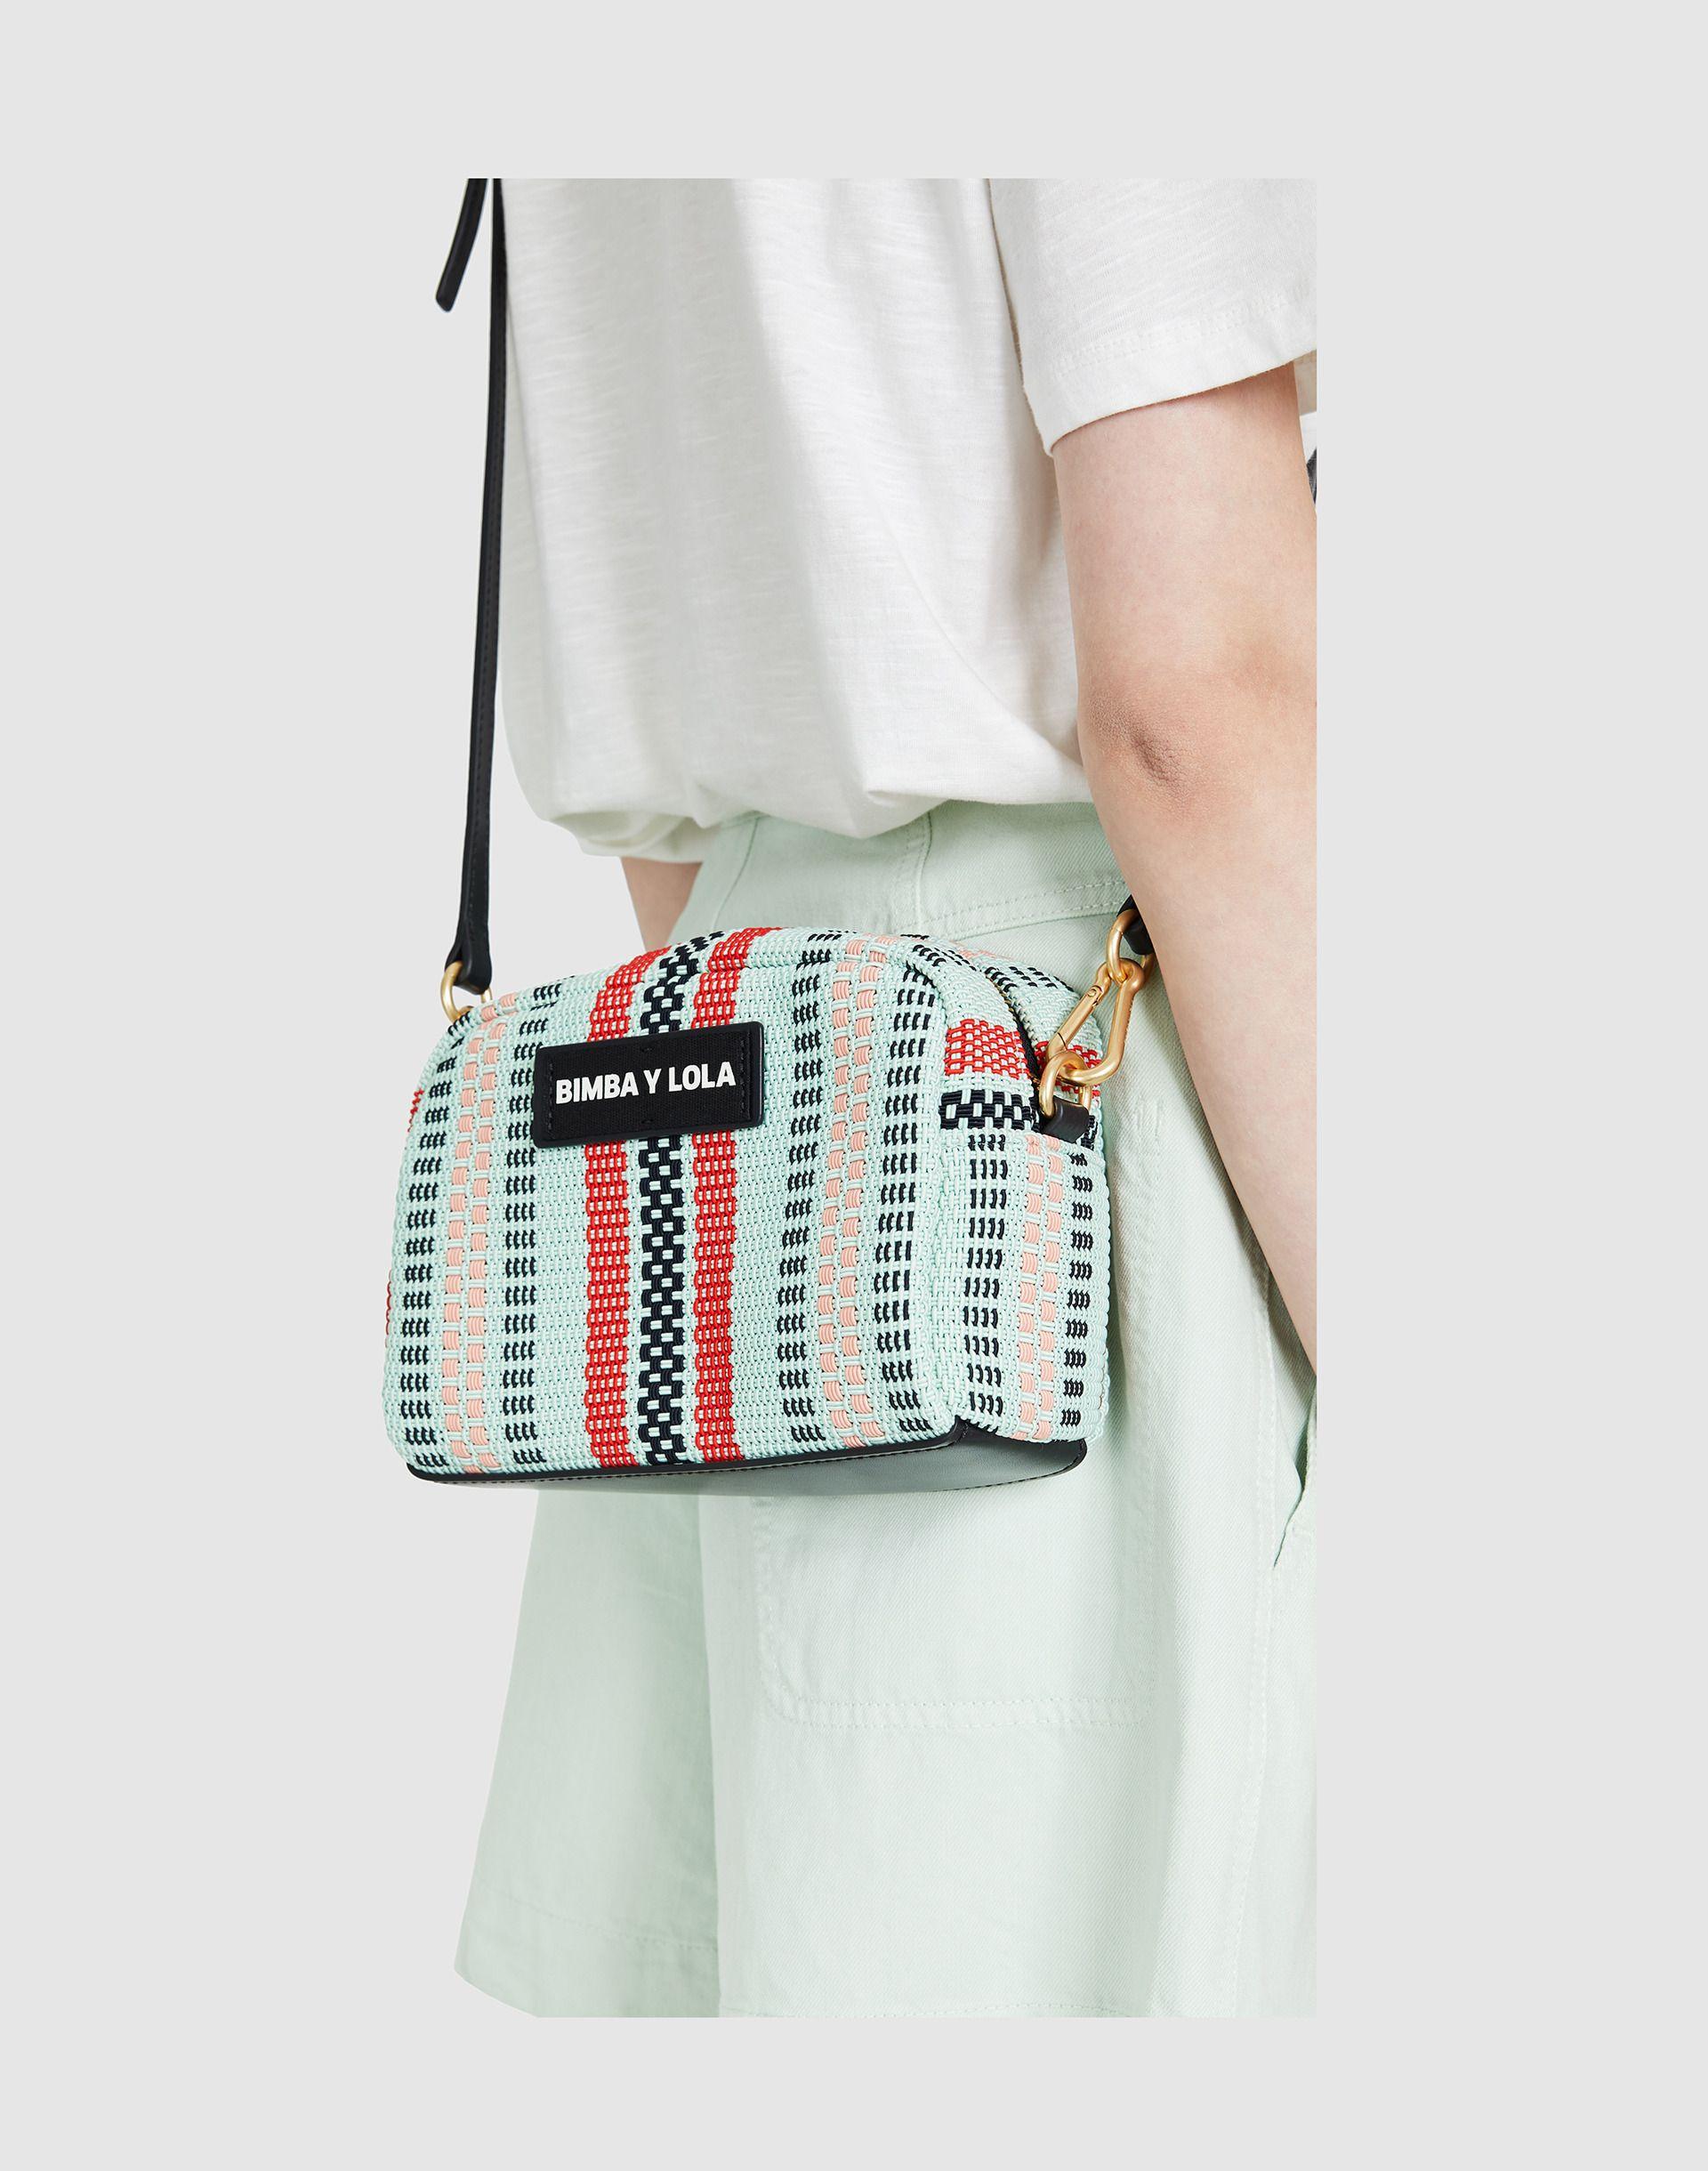 moda de lujo llegando comprar lo mejor Bolso bandolera trenzado turquesa | /\/\_me lo pidO_/\/\ en ...